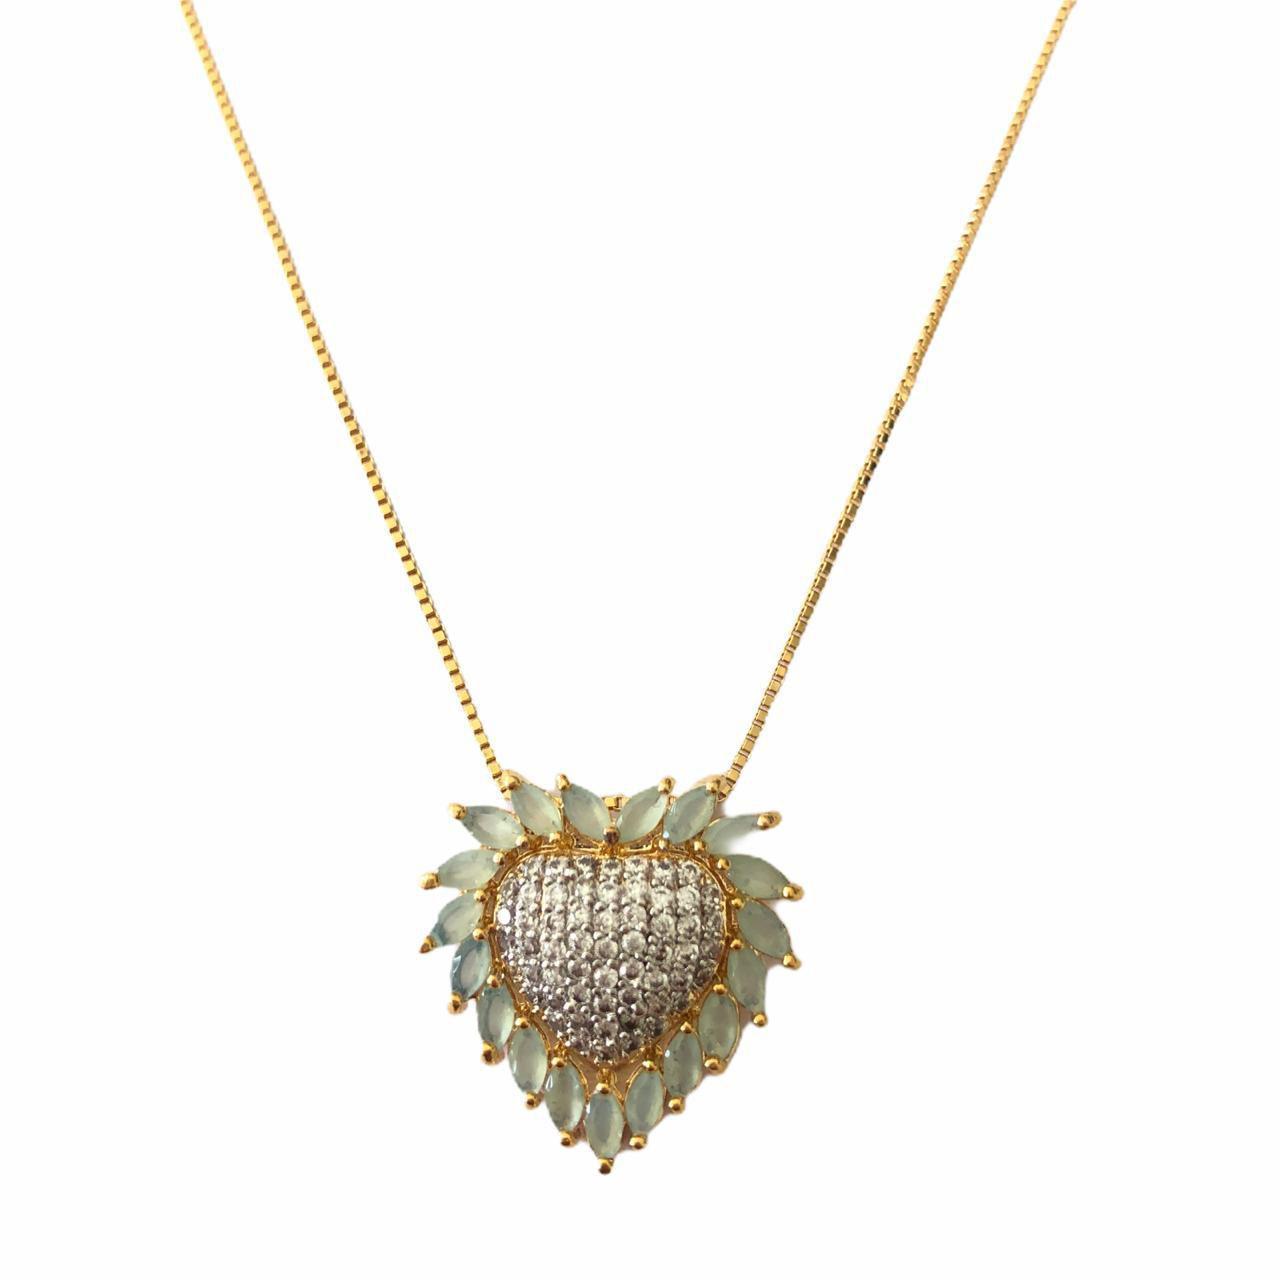 Colar Coração Cravejado em Micro Zirconias e Pedra Verde Clara Banhado em Ouro 18k